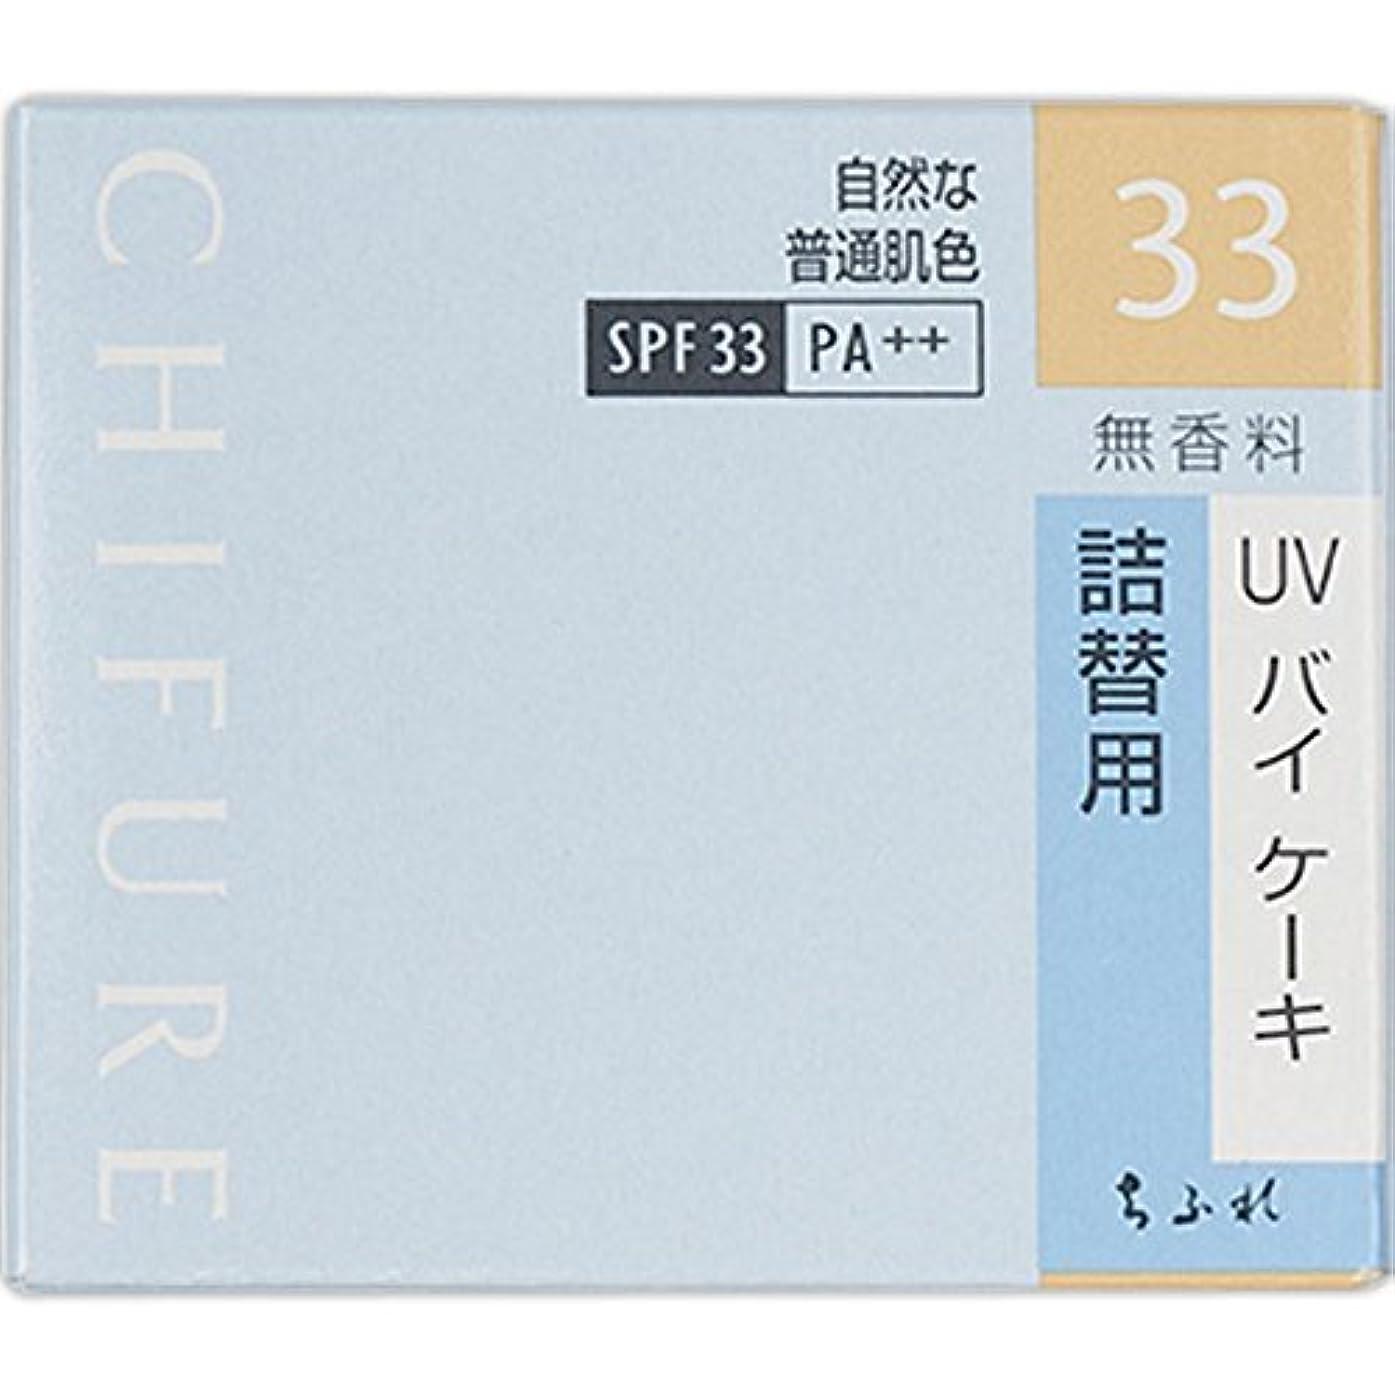 ちふれ化粧品 UV バイ ケーキ 詰替用 33 自然な普通肌色 14g